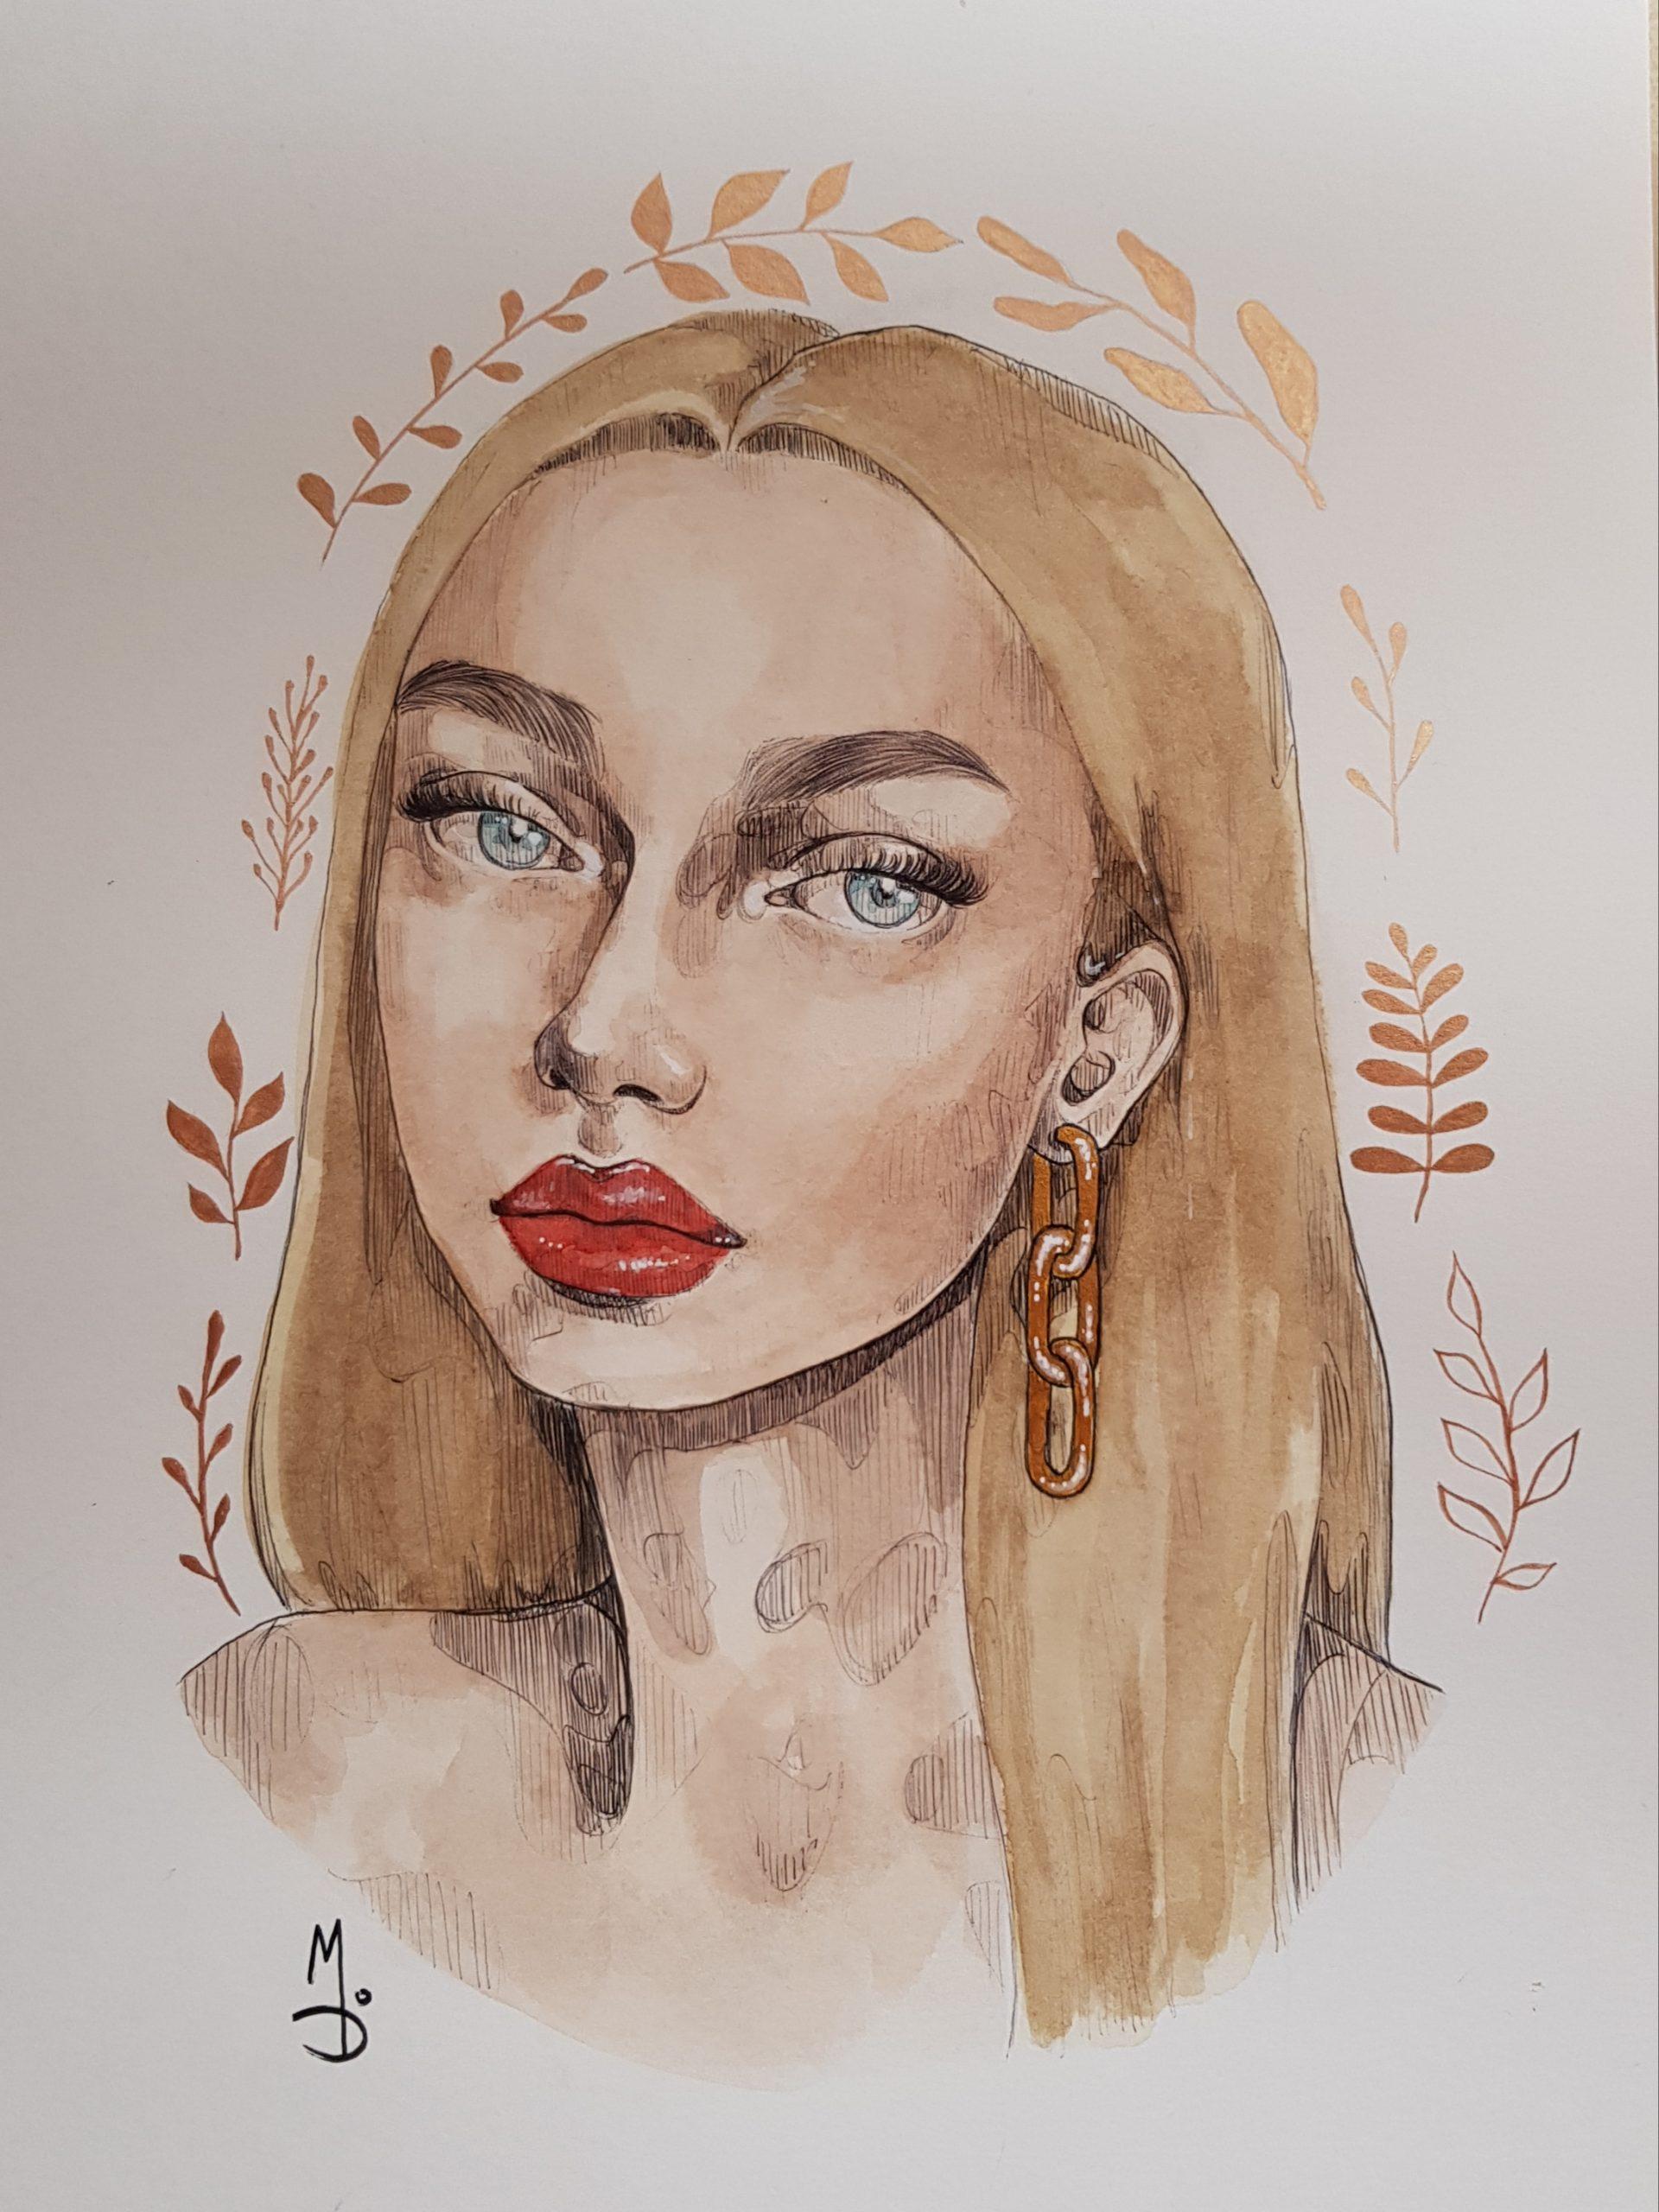 Dibujo de una cara de mujer en acuarela normal y acuarela metalizada